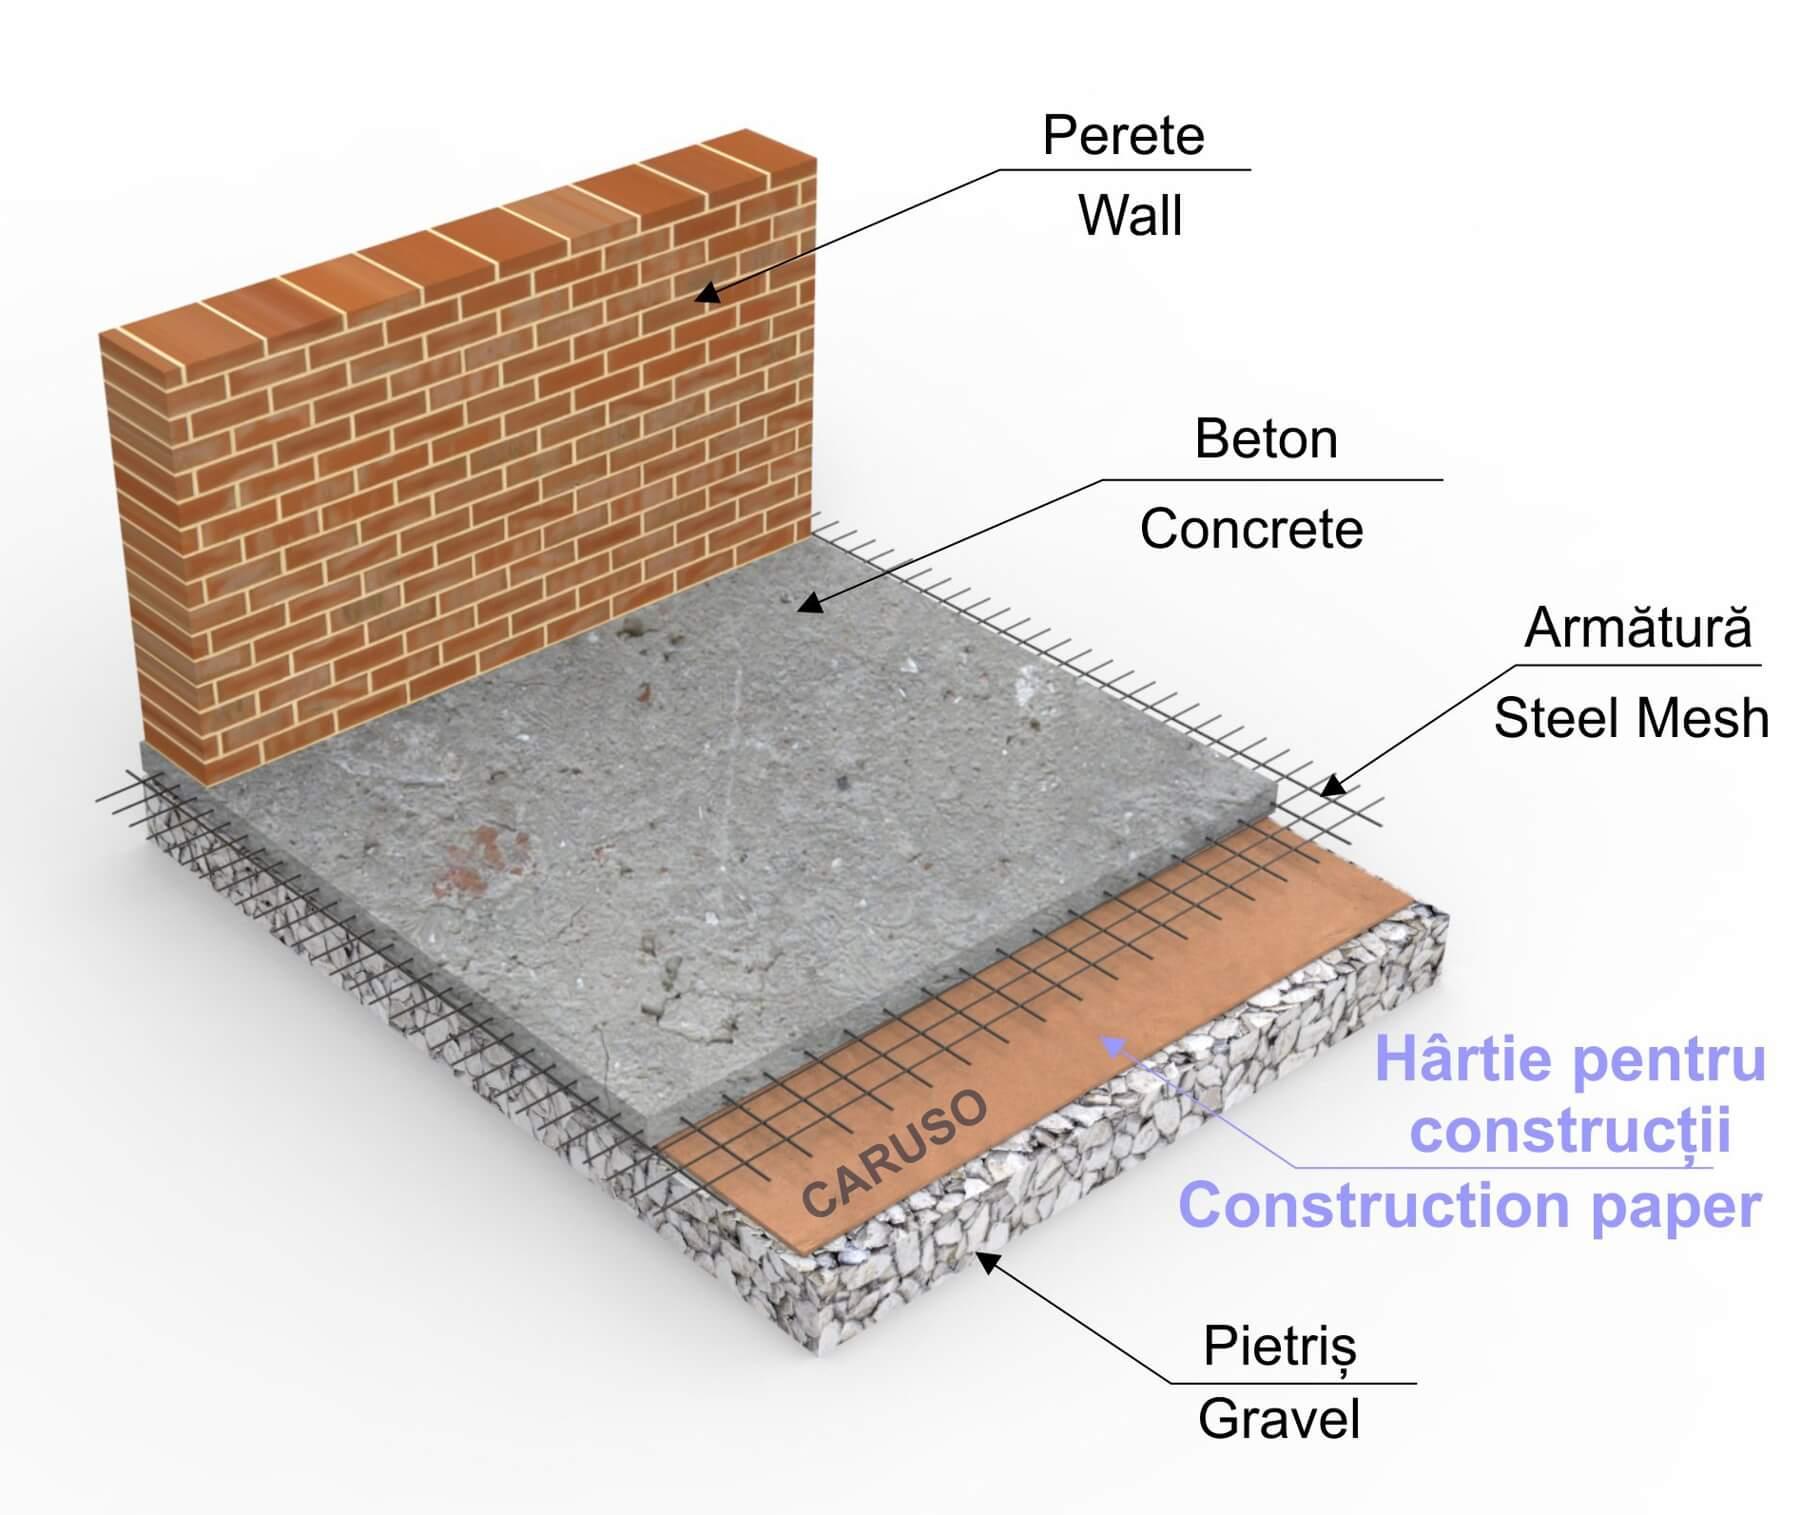 hartie pentru constructii